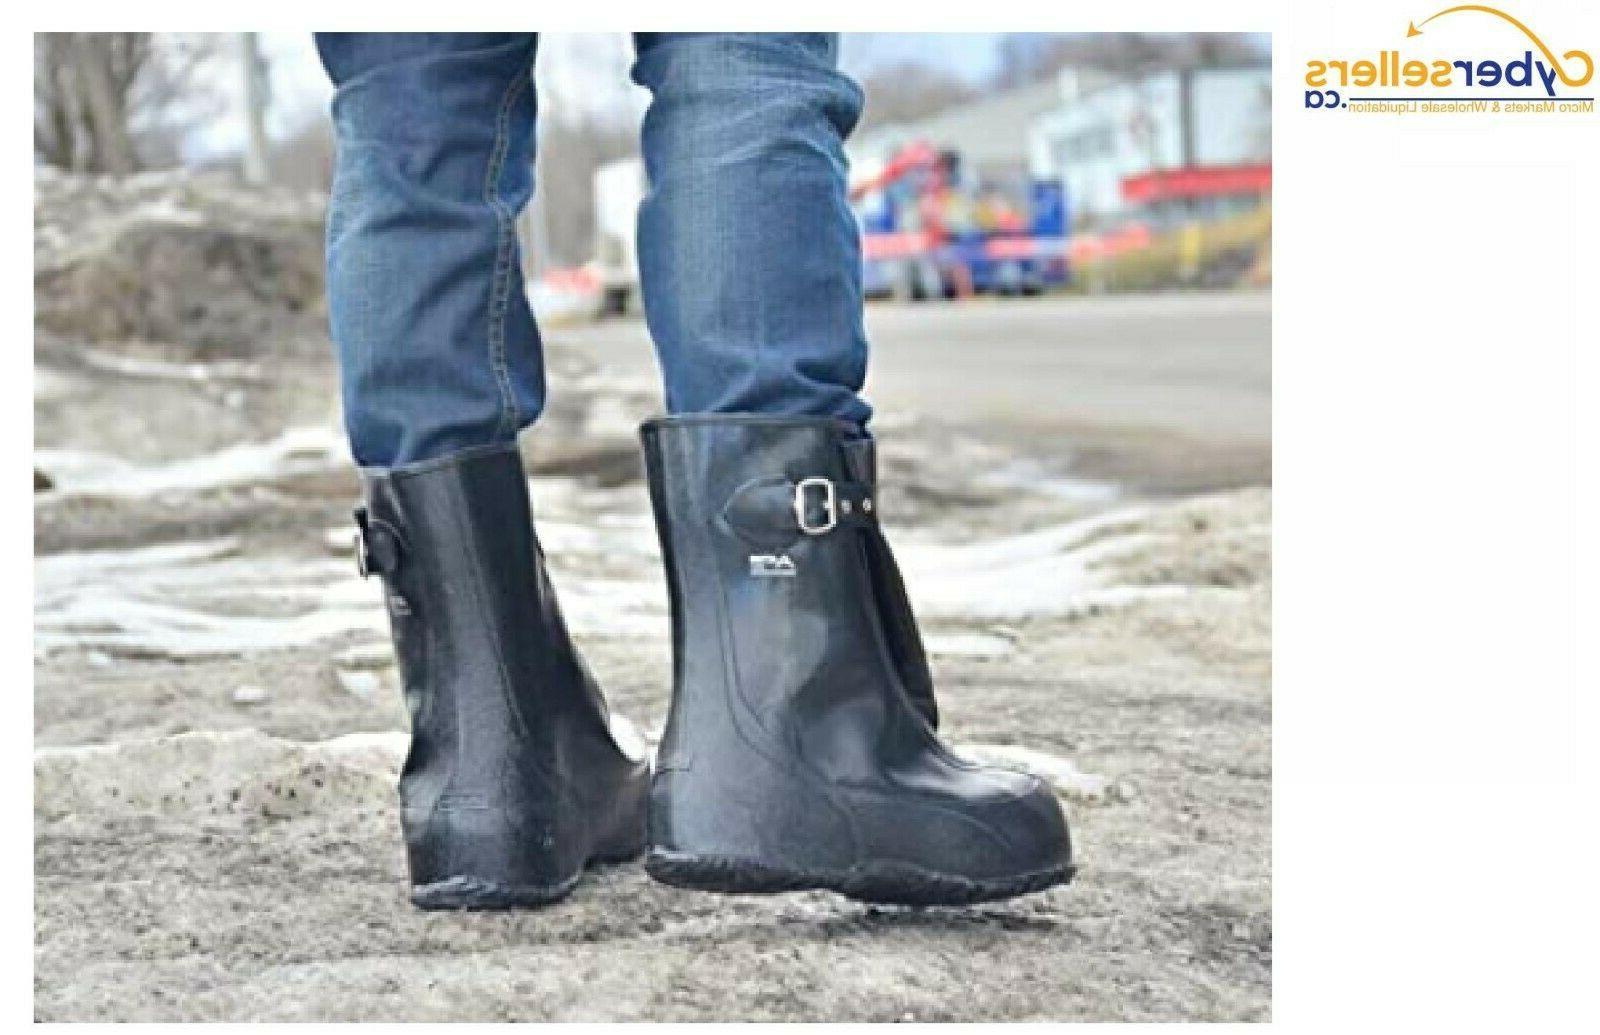 ACTON Men's X-TRA Overshoe Work Boots